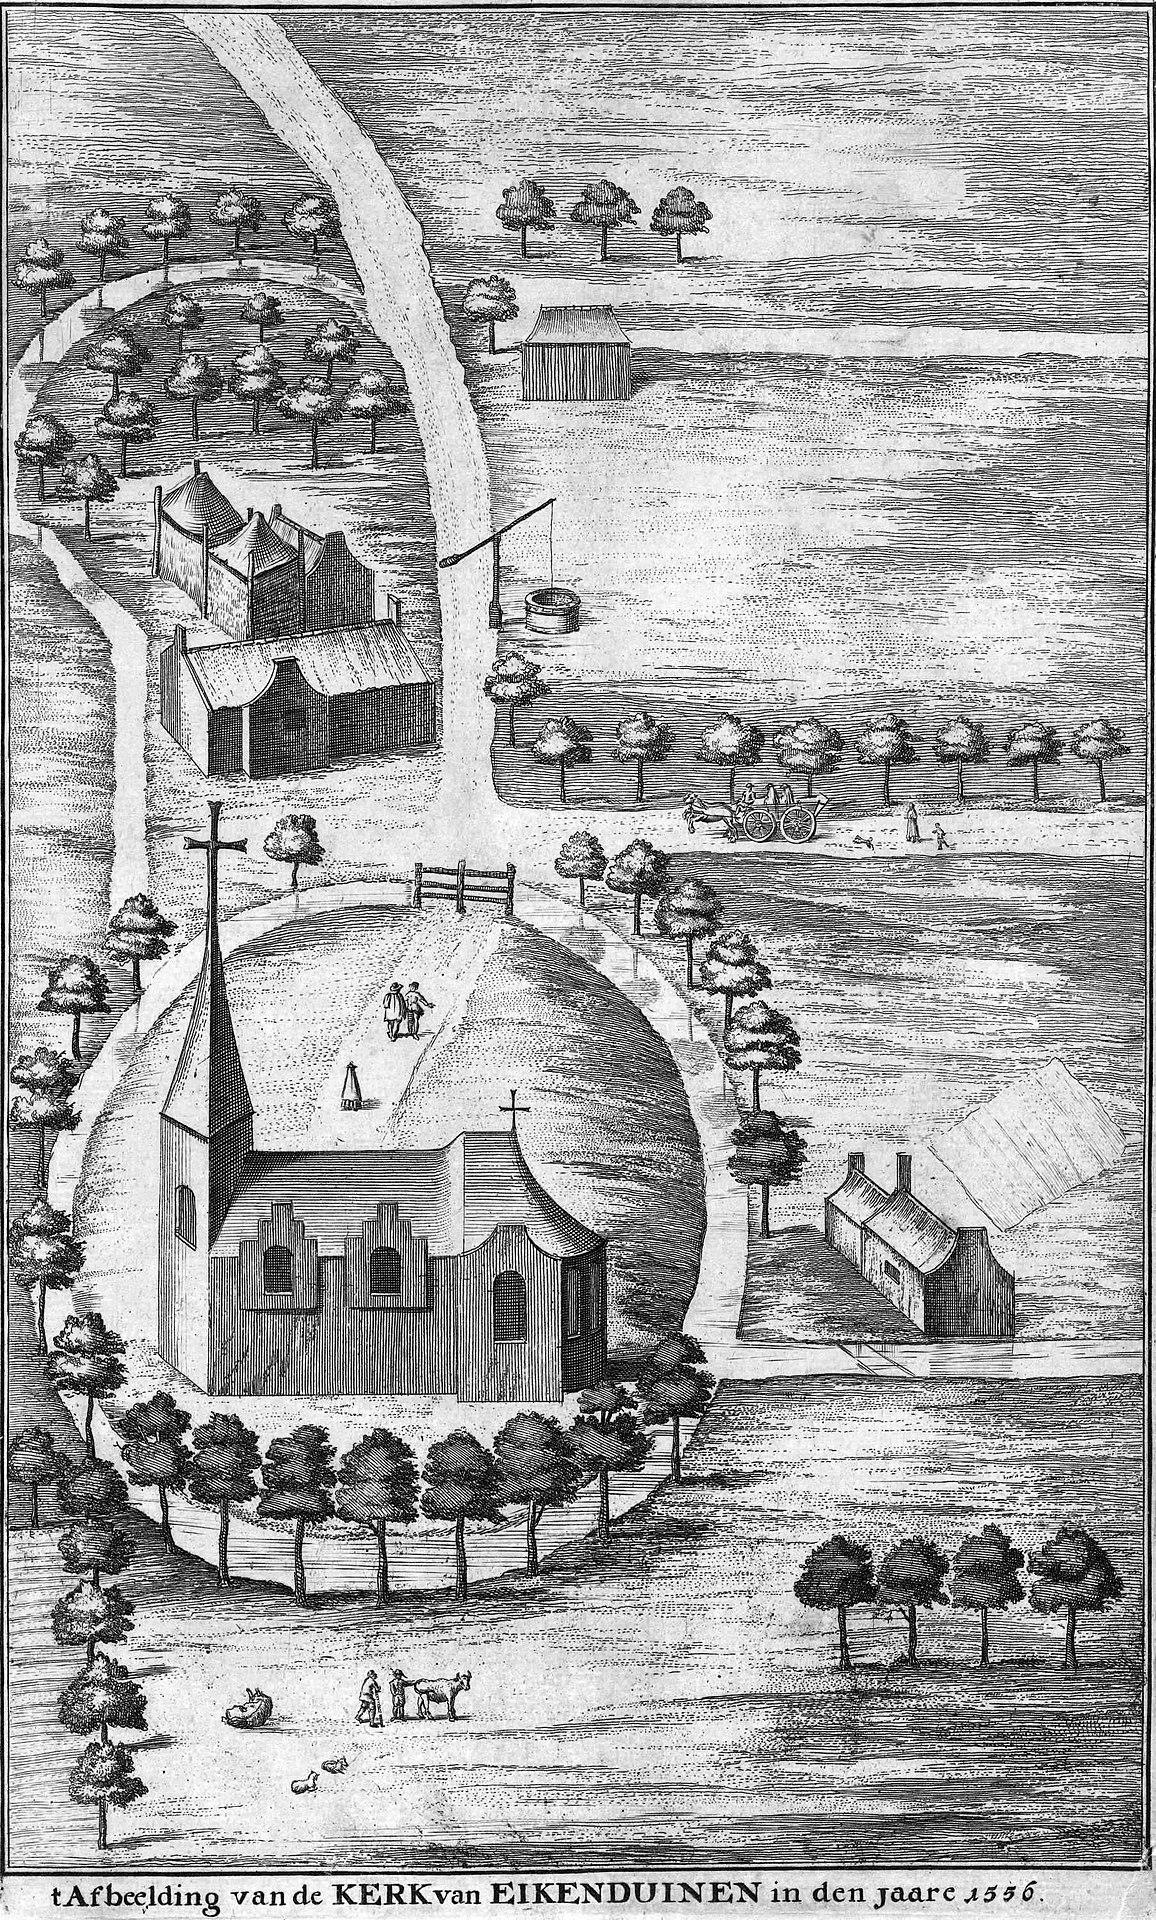 1156px-Kerk_van_Eik_en_Duinen_%28Den_Haag%29_in_1556.jpg